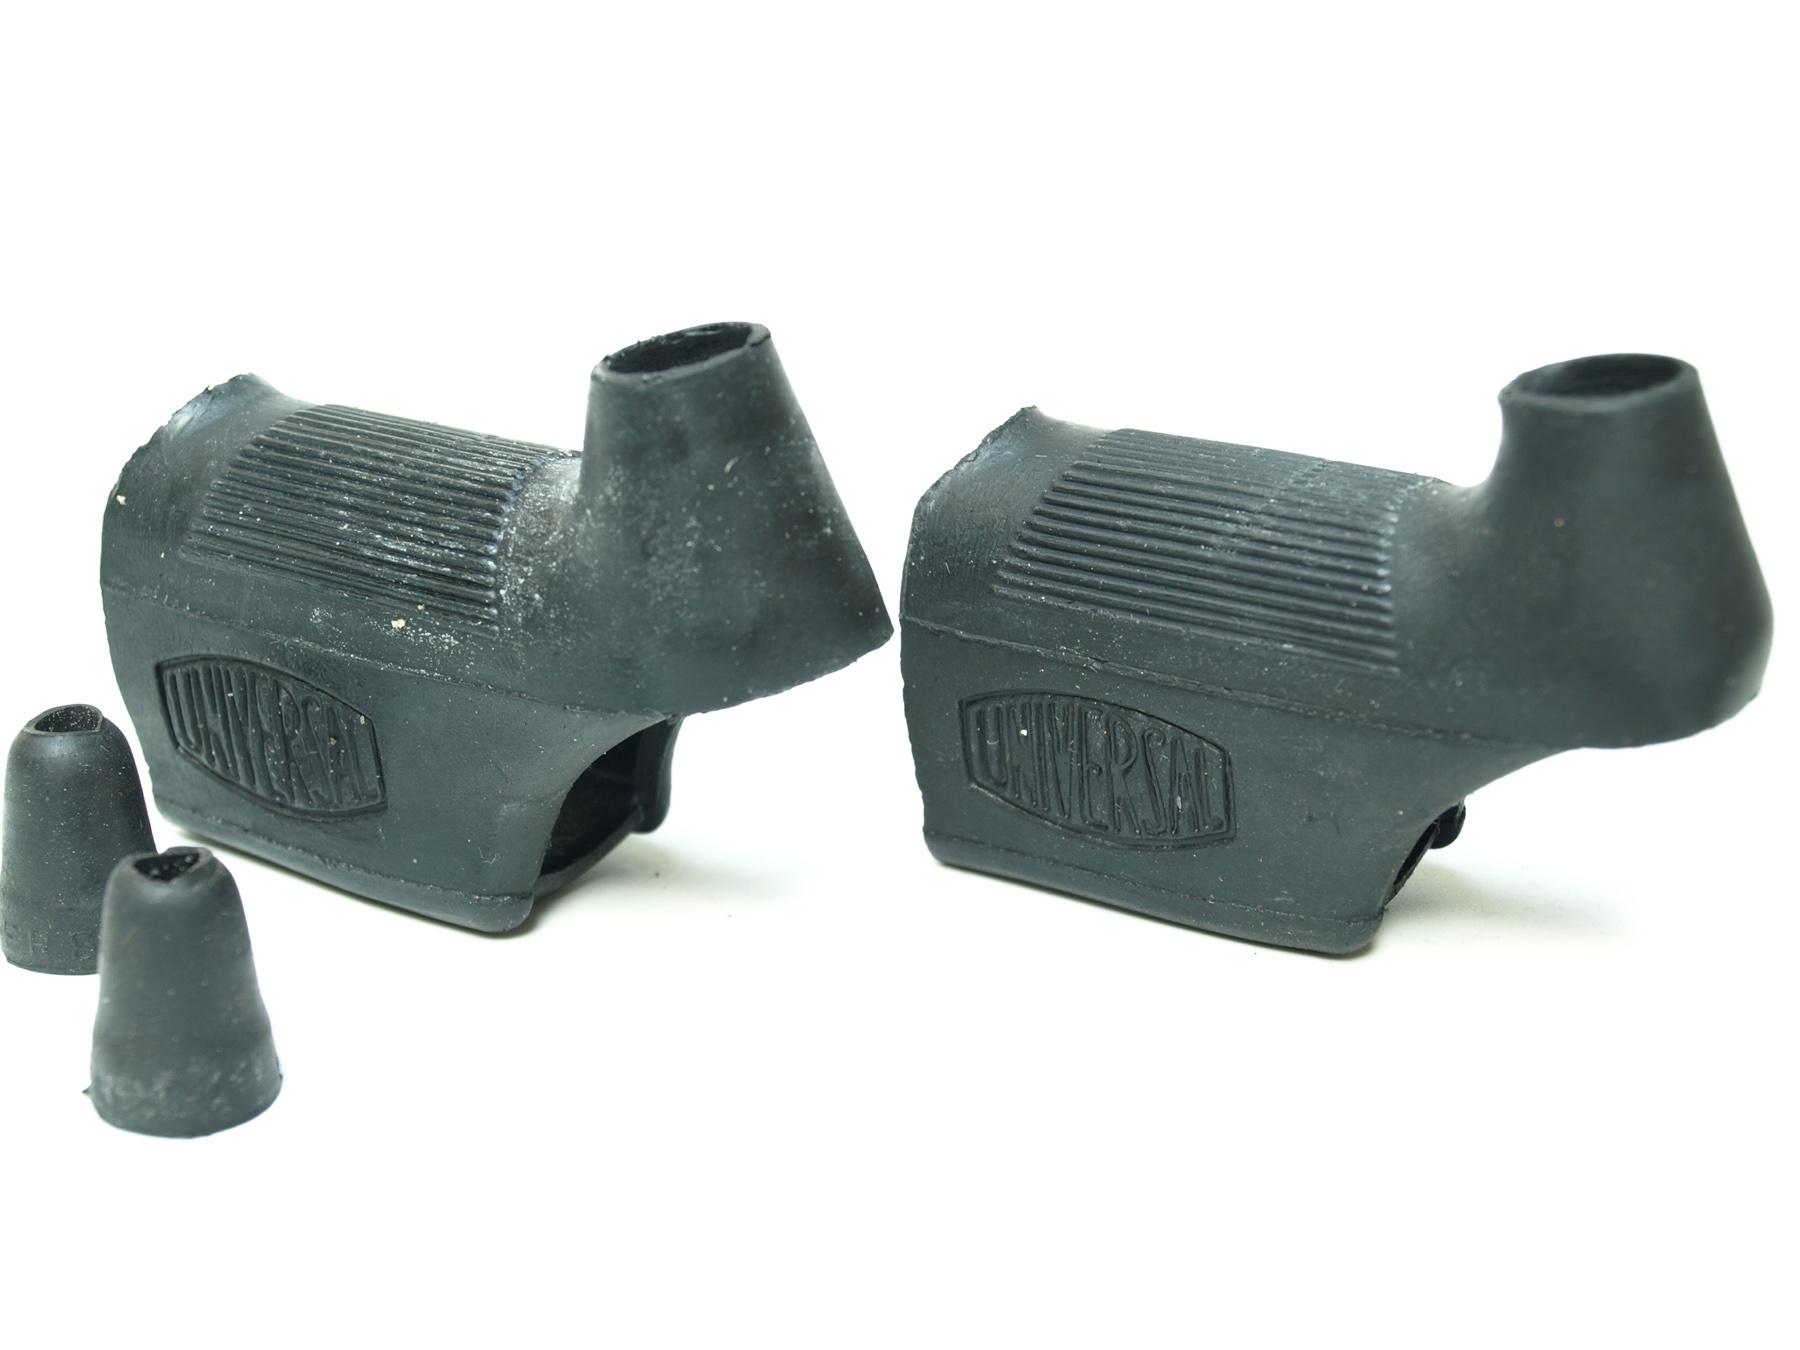 New universal brake hoods black 77 125 model